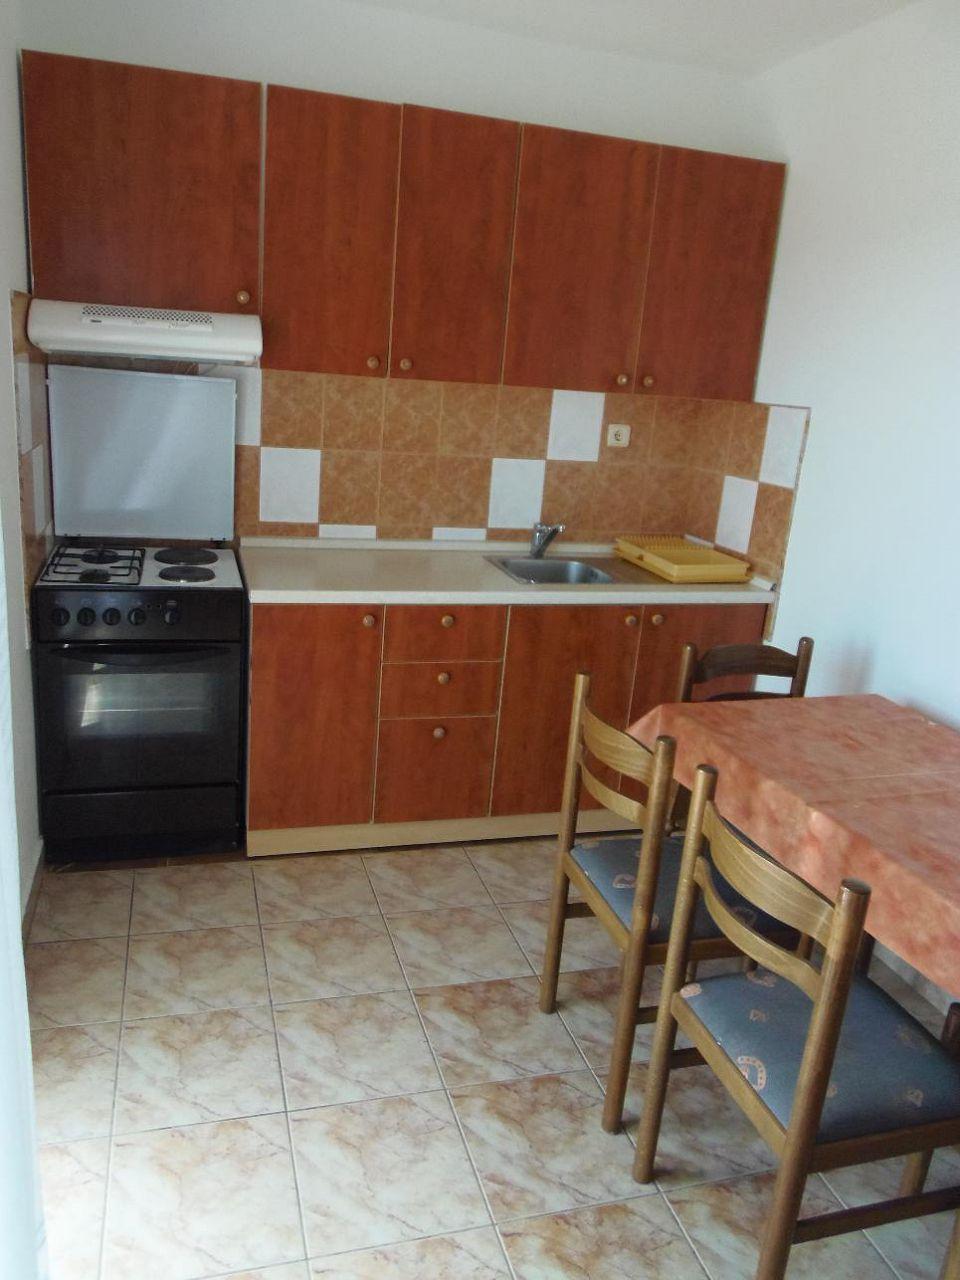 2235 - Povljana - Appartementen Kroatië - A1 mali (2+2): keuken en eetkamer